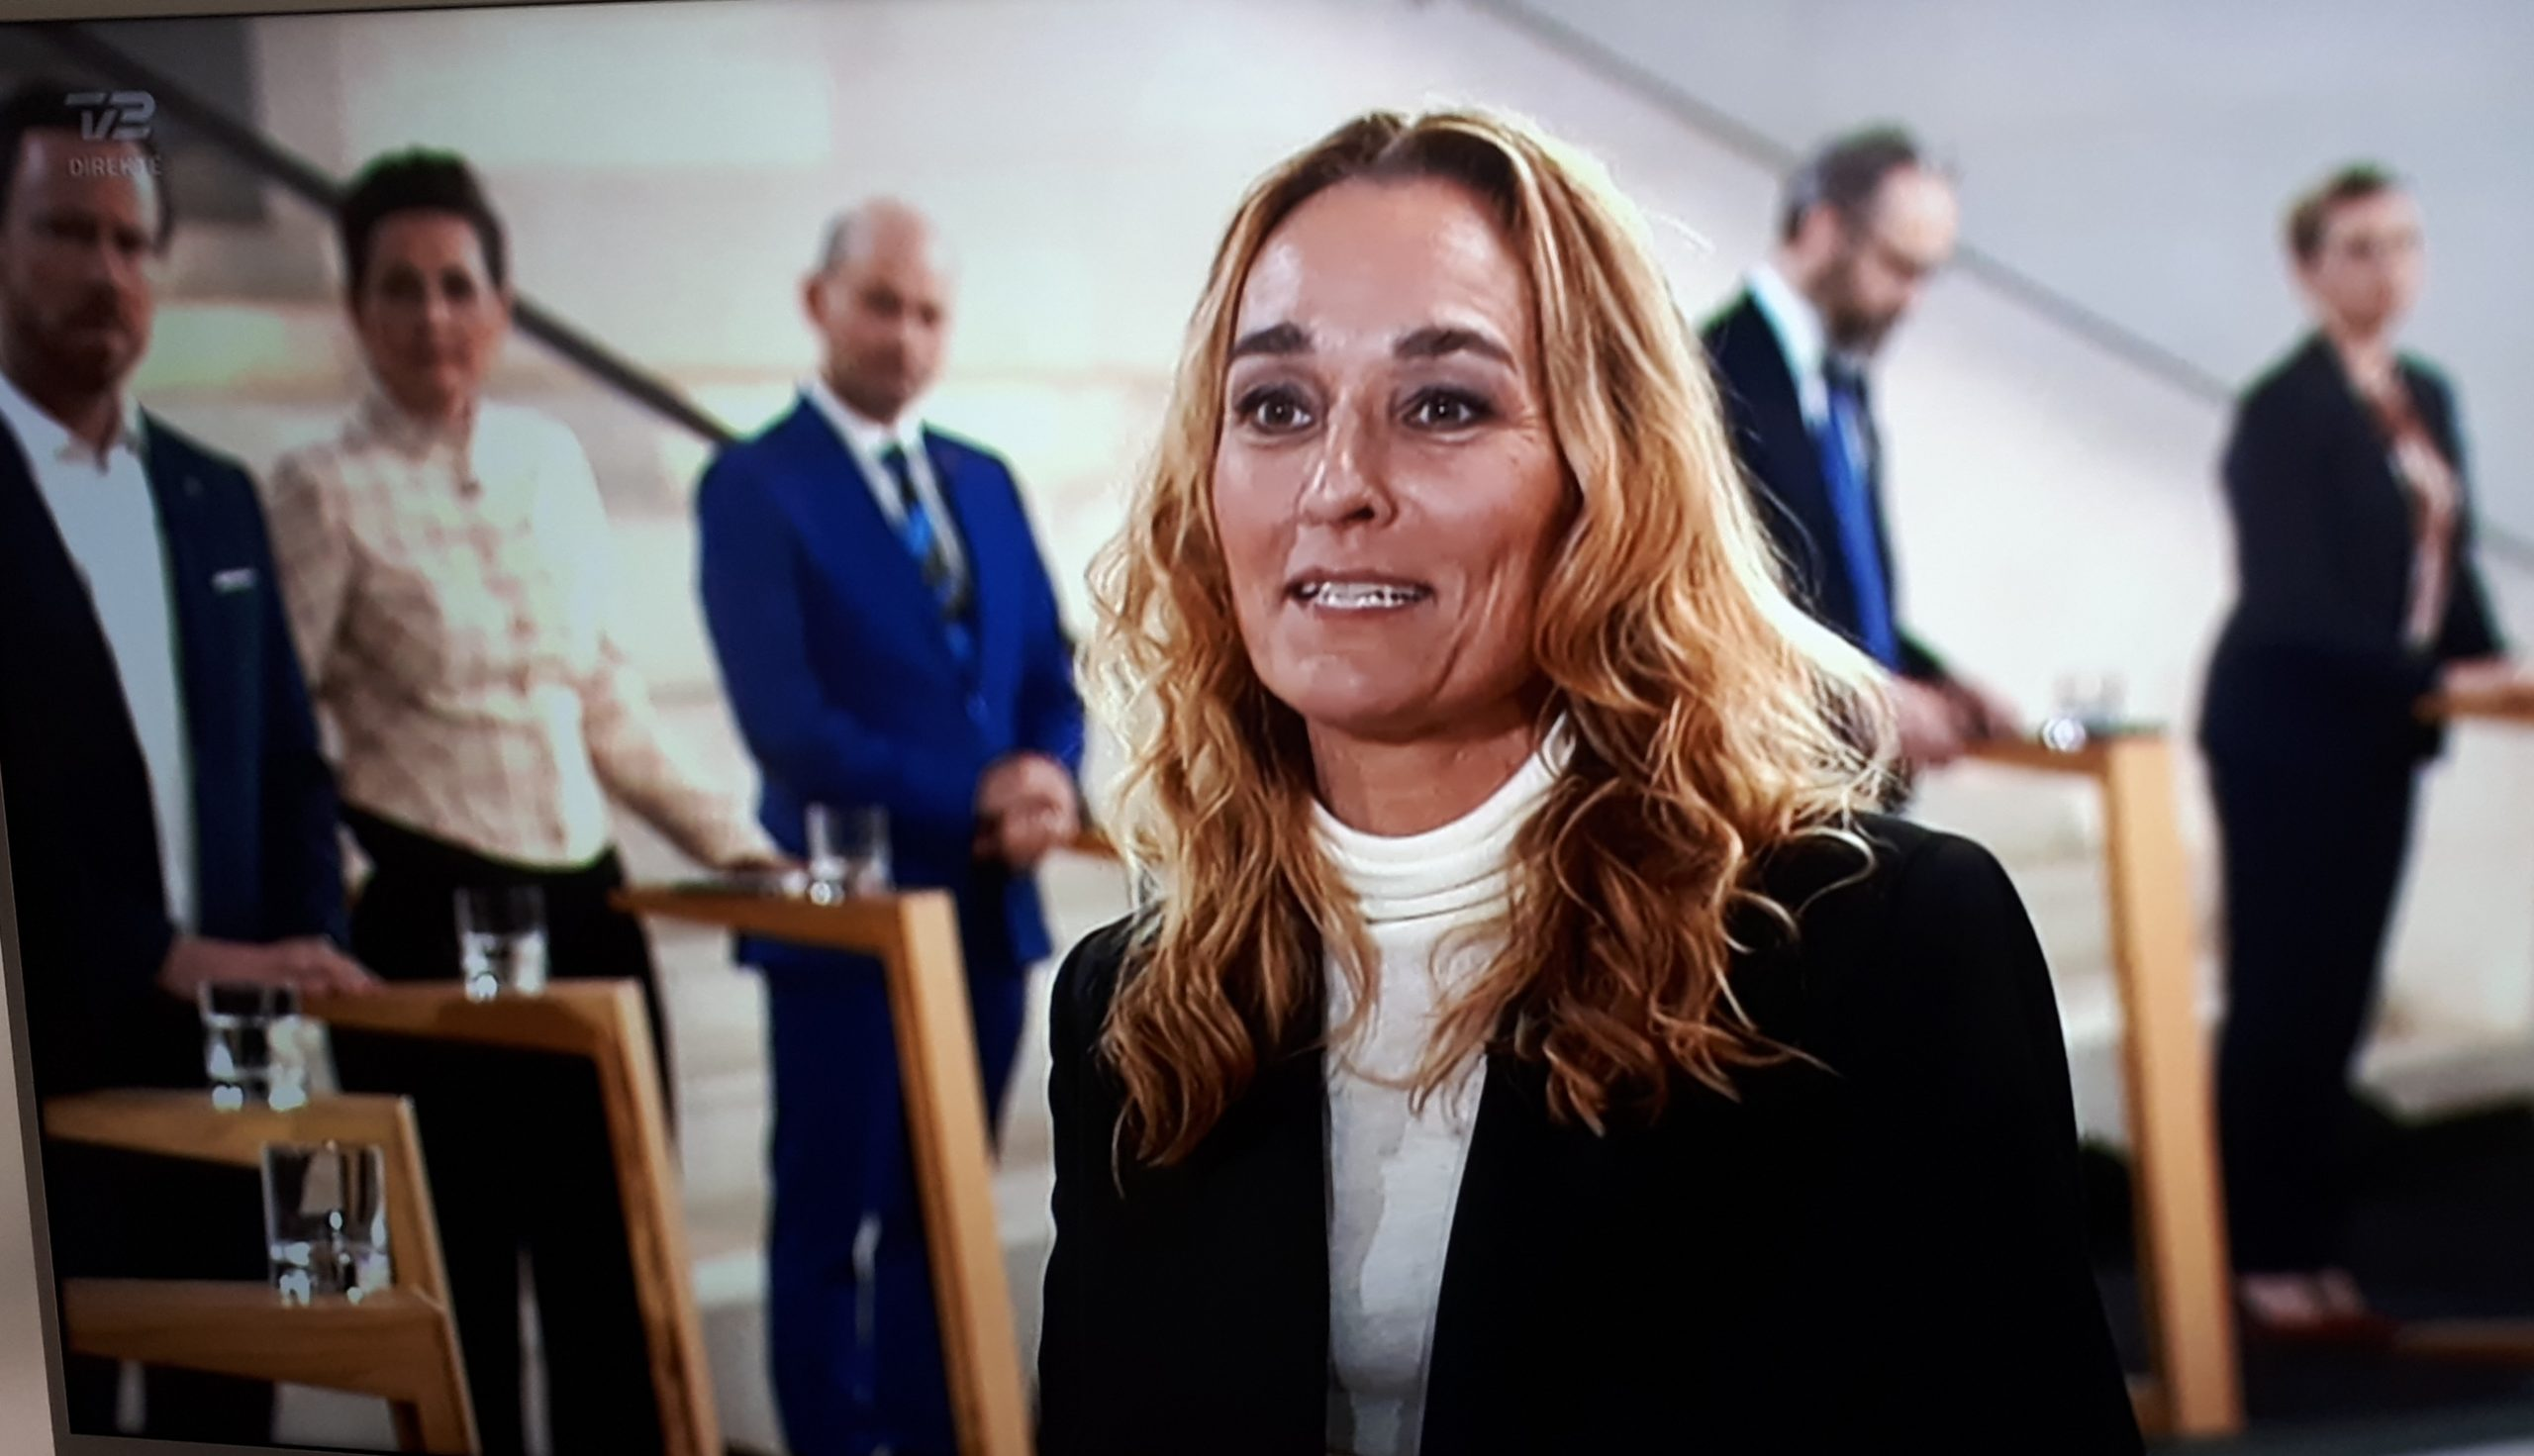 Sandra Plesner Weinert på TV 2 torsdag aften med partilederne i baggrunden, bagest til højre anes statsminister Mette Frederiksen. Screenshot fra TV 2.